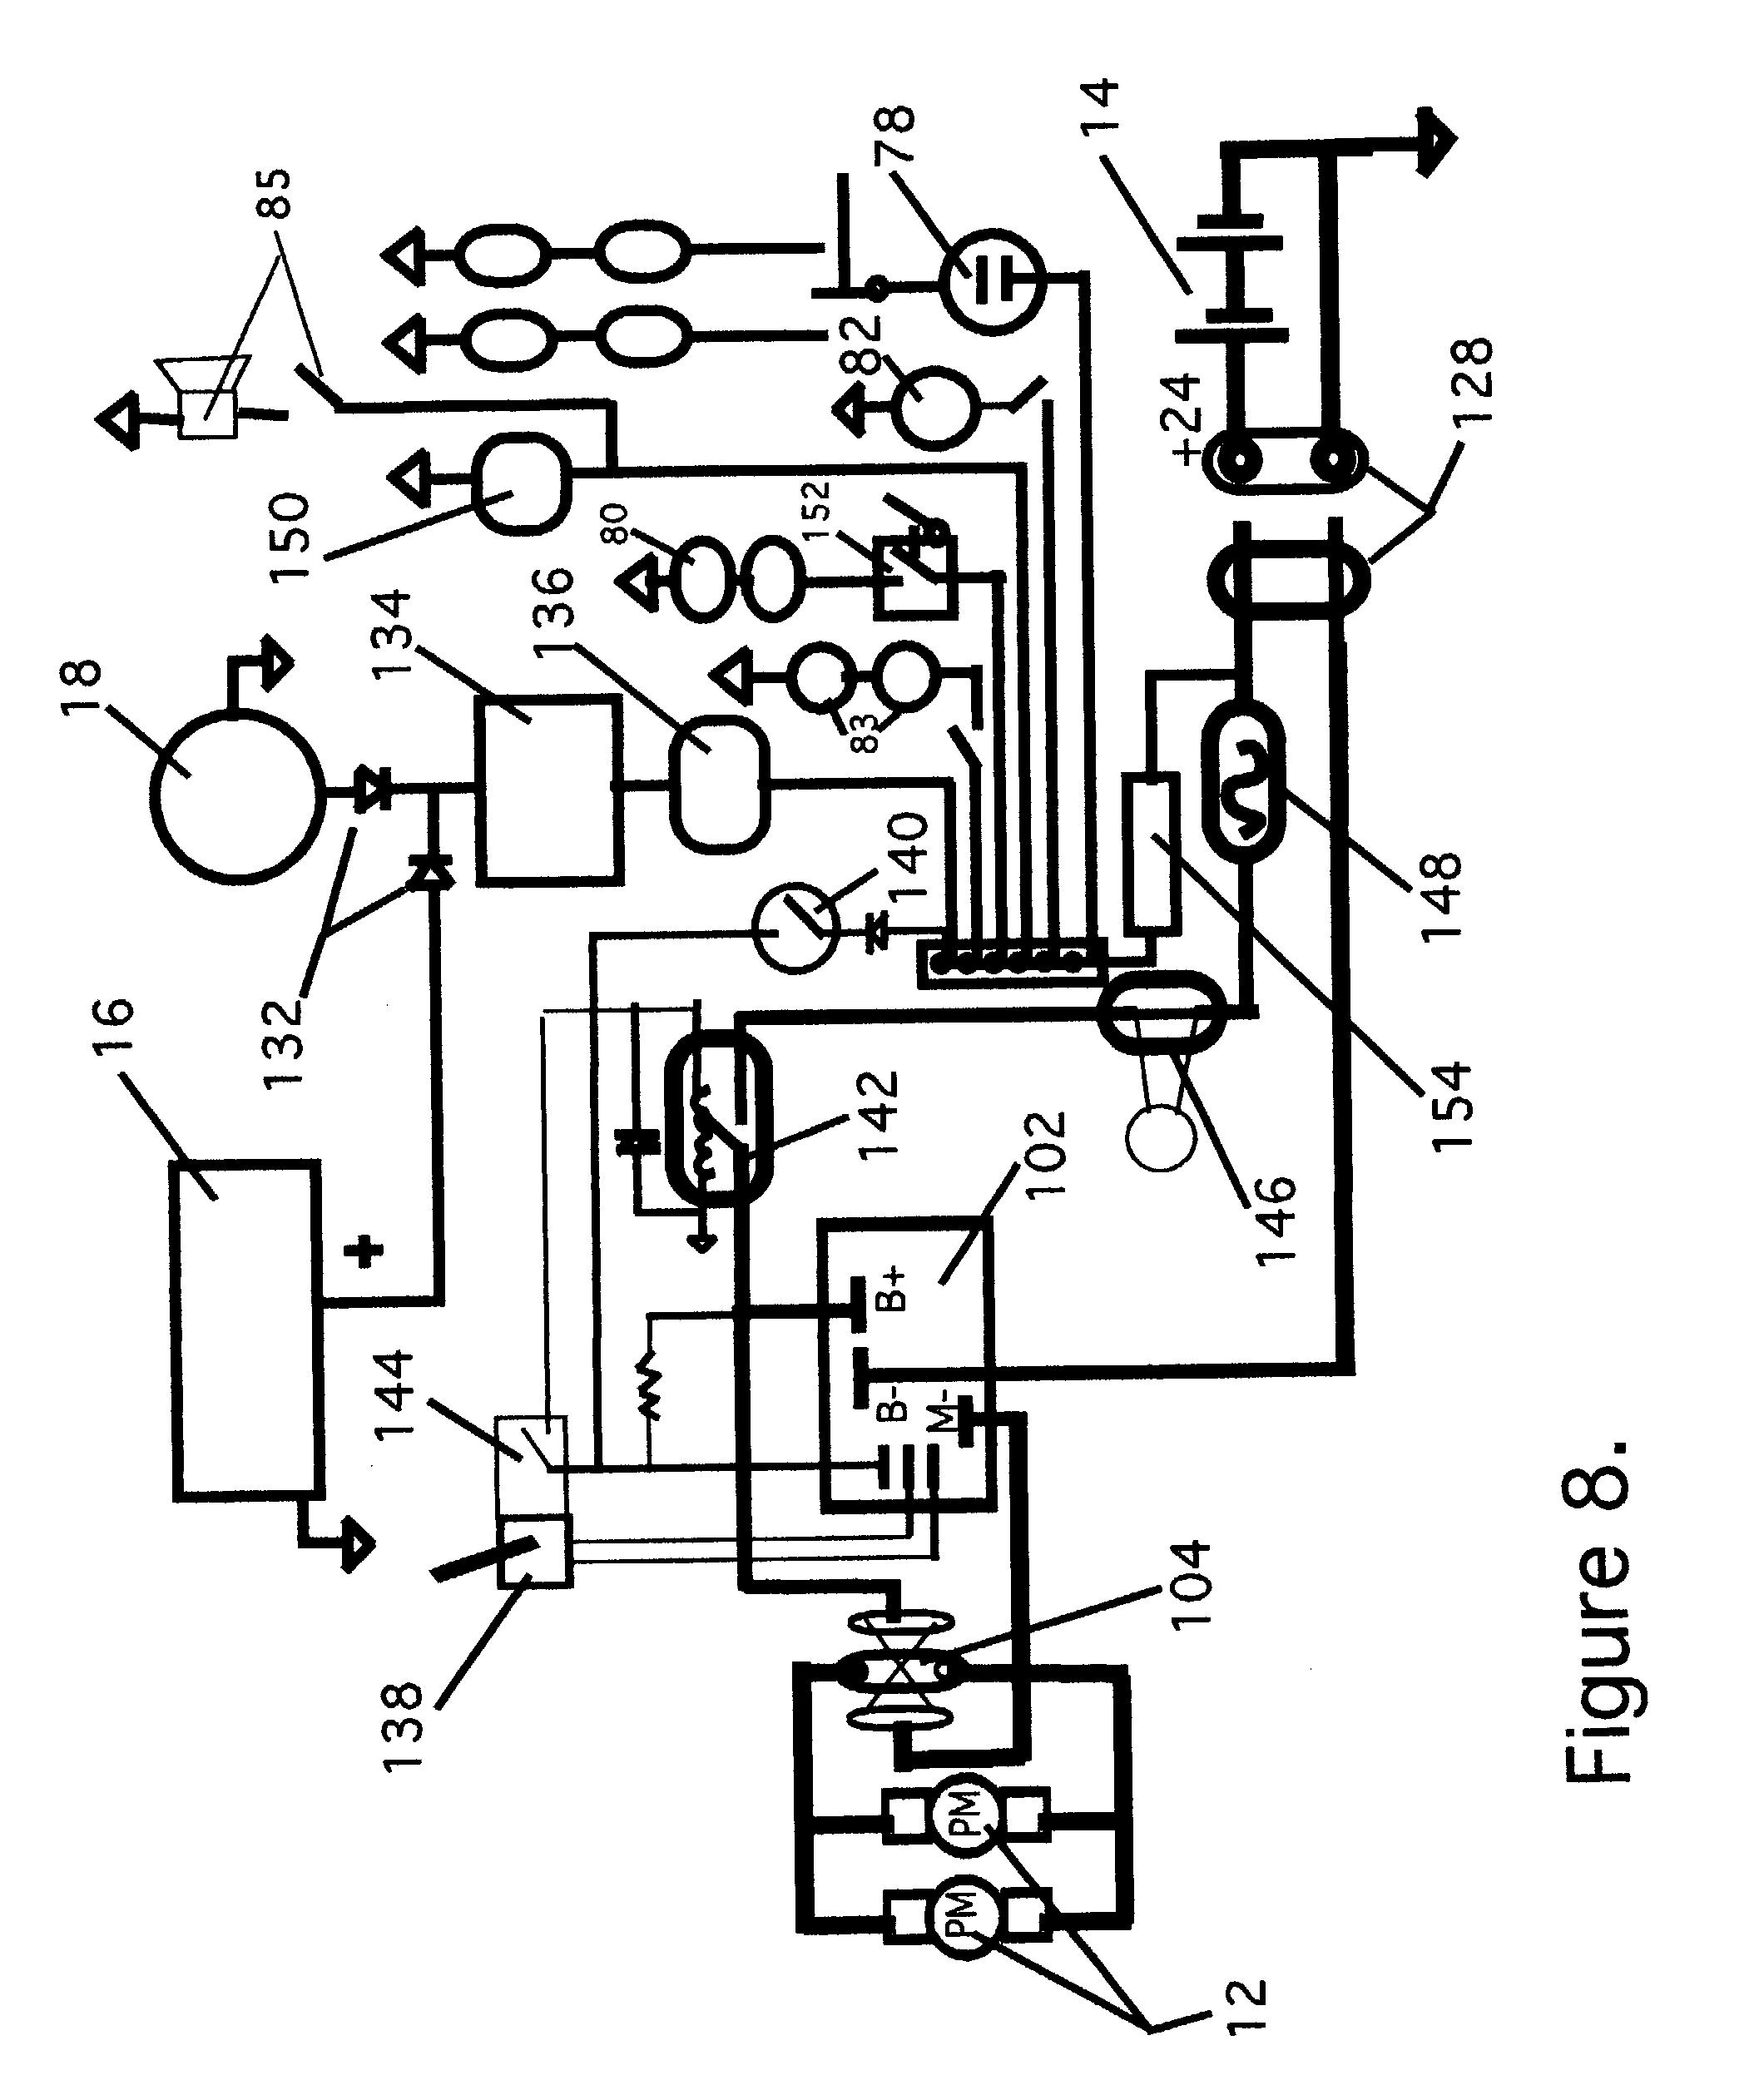 Club Car Wiring Diagram Gas Engine Diagram – Gas Club Car Wiring Diagram